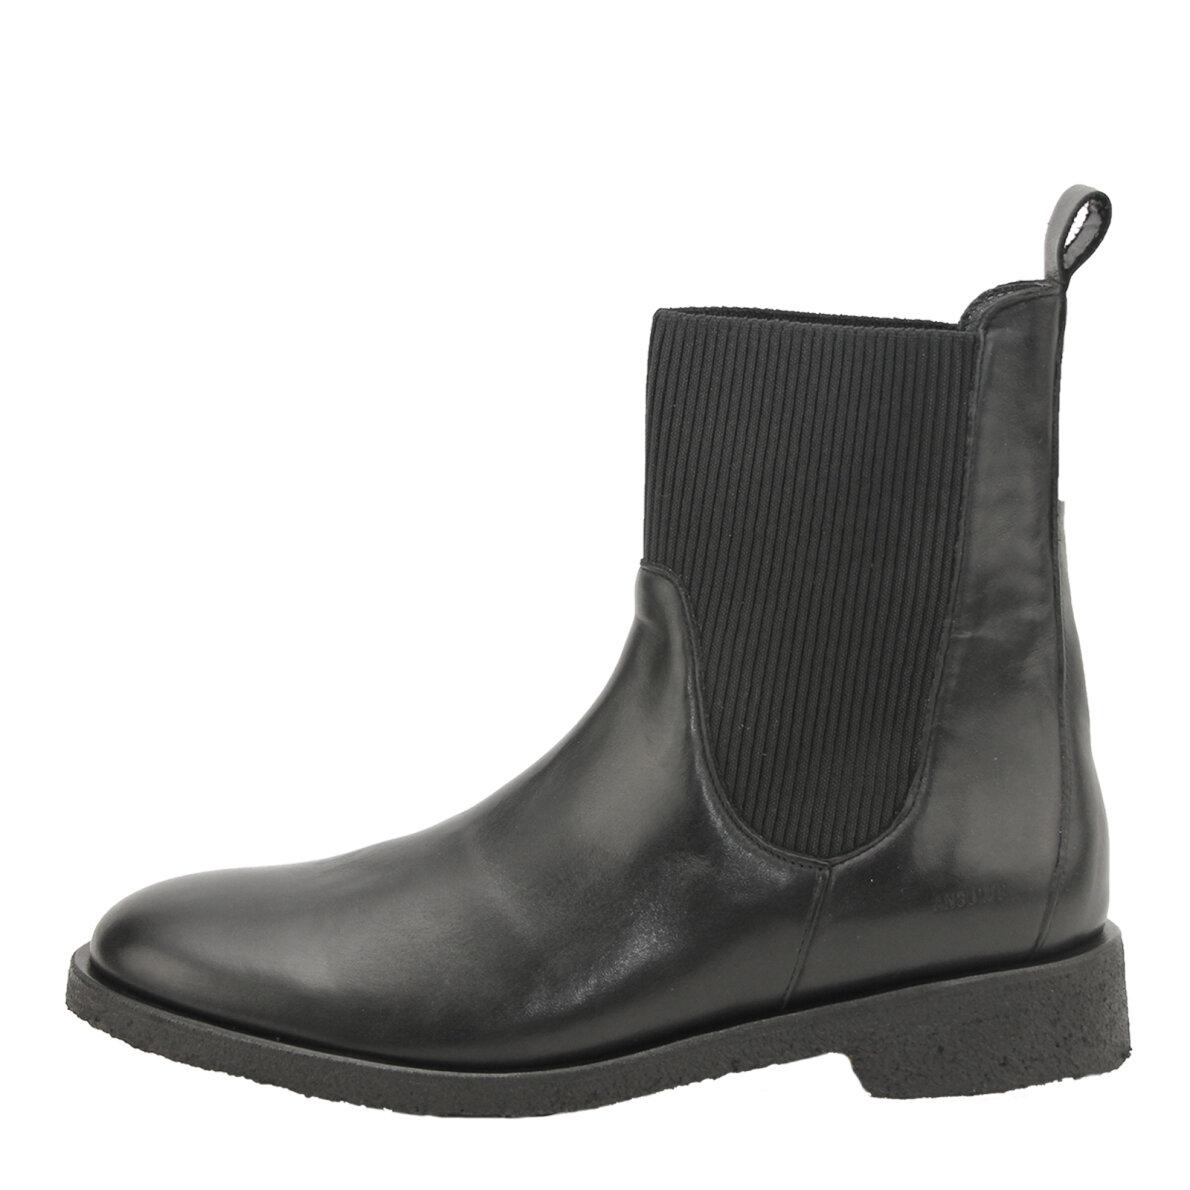 PIEDI Angulus 7317 103 Sort Støvle med elastik i siden